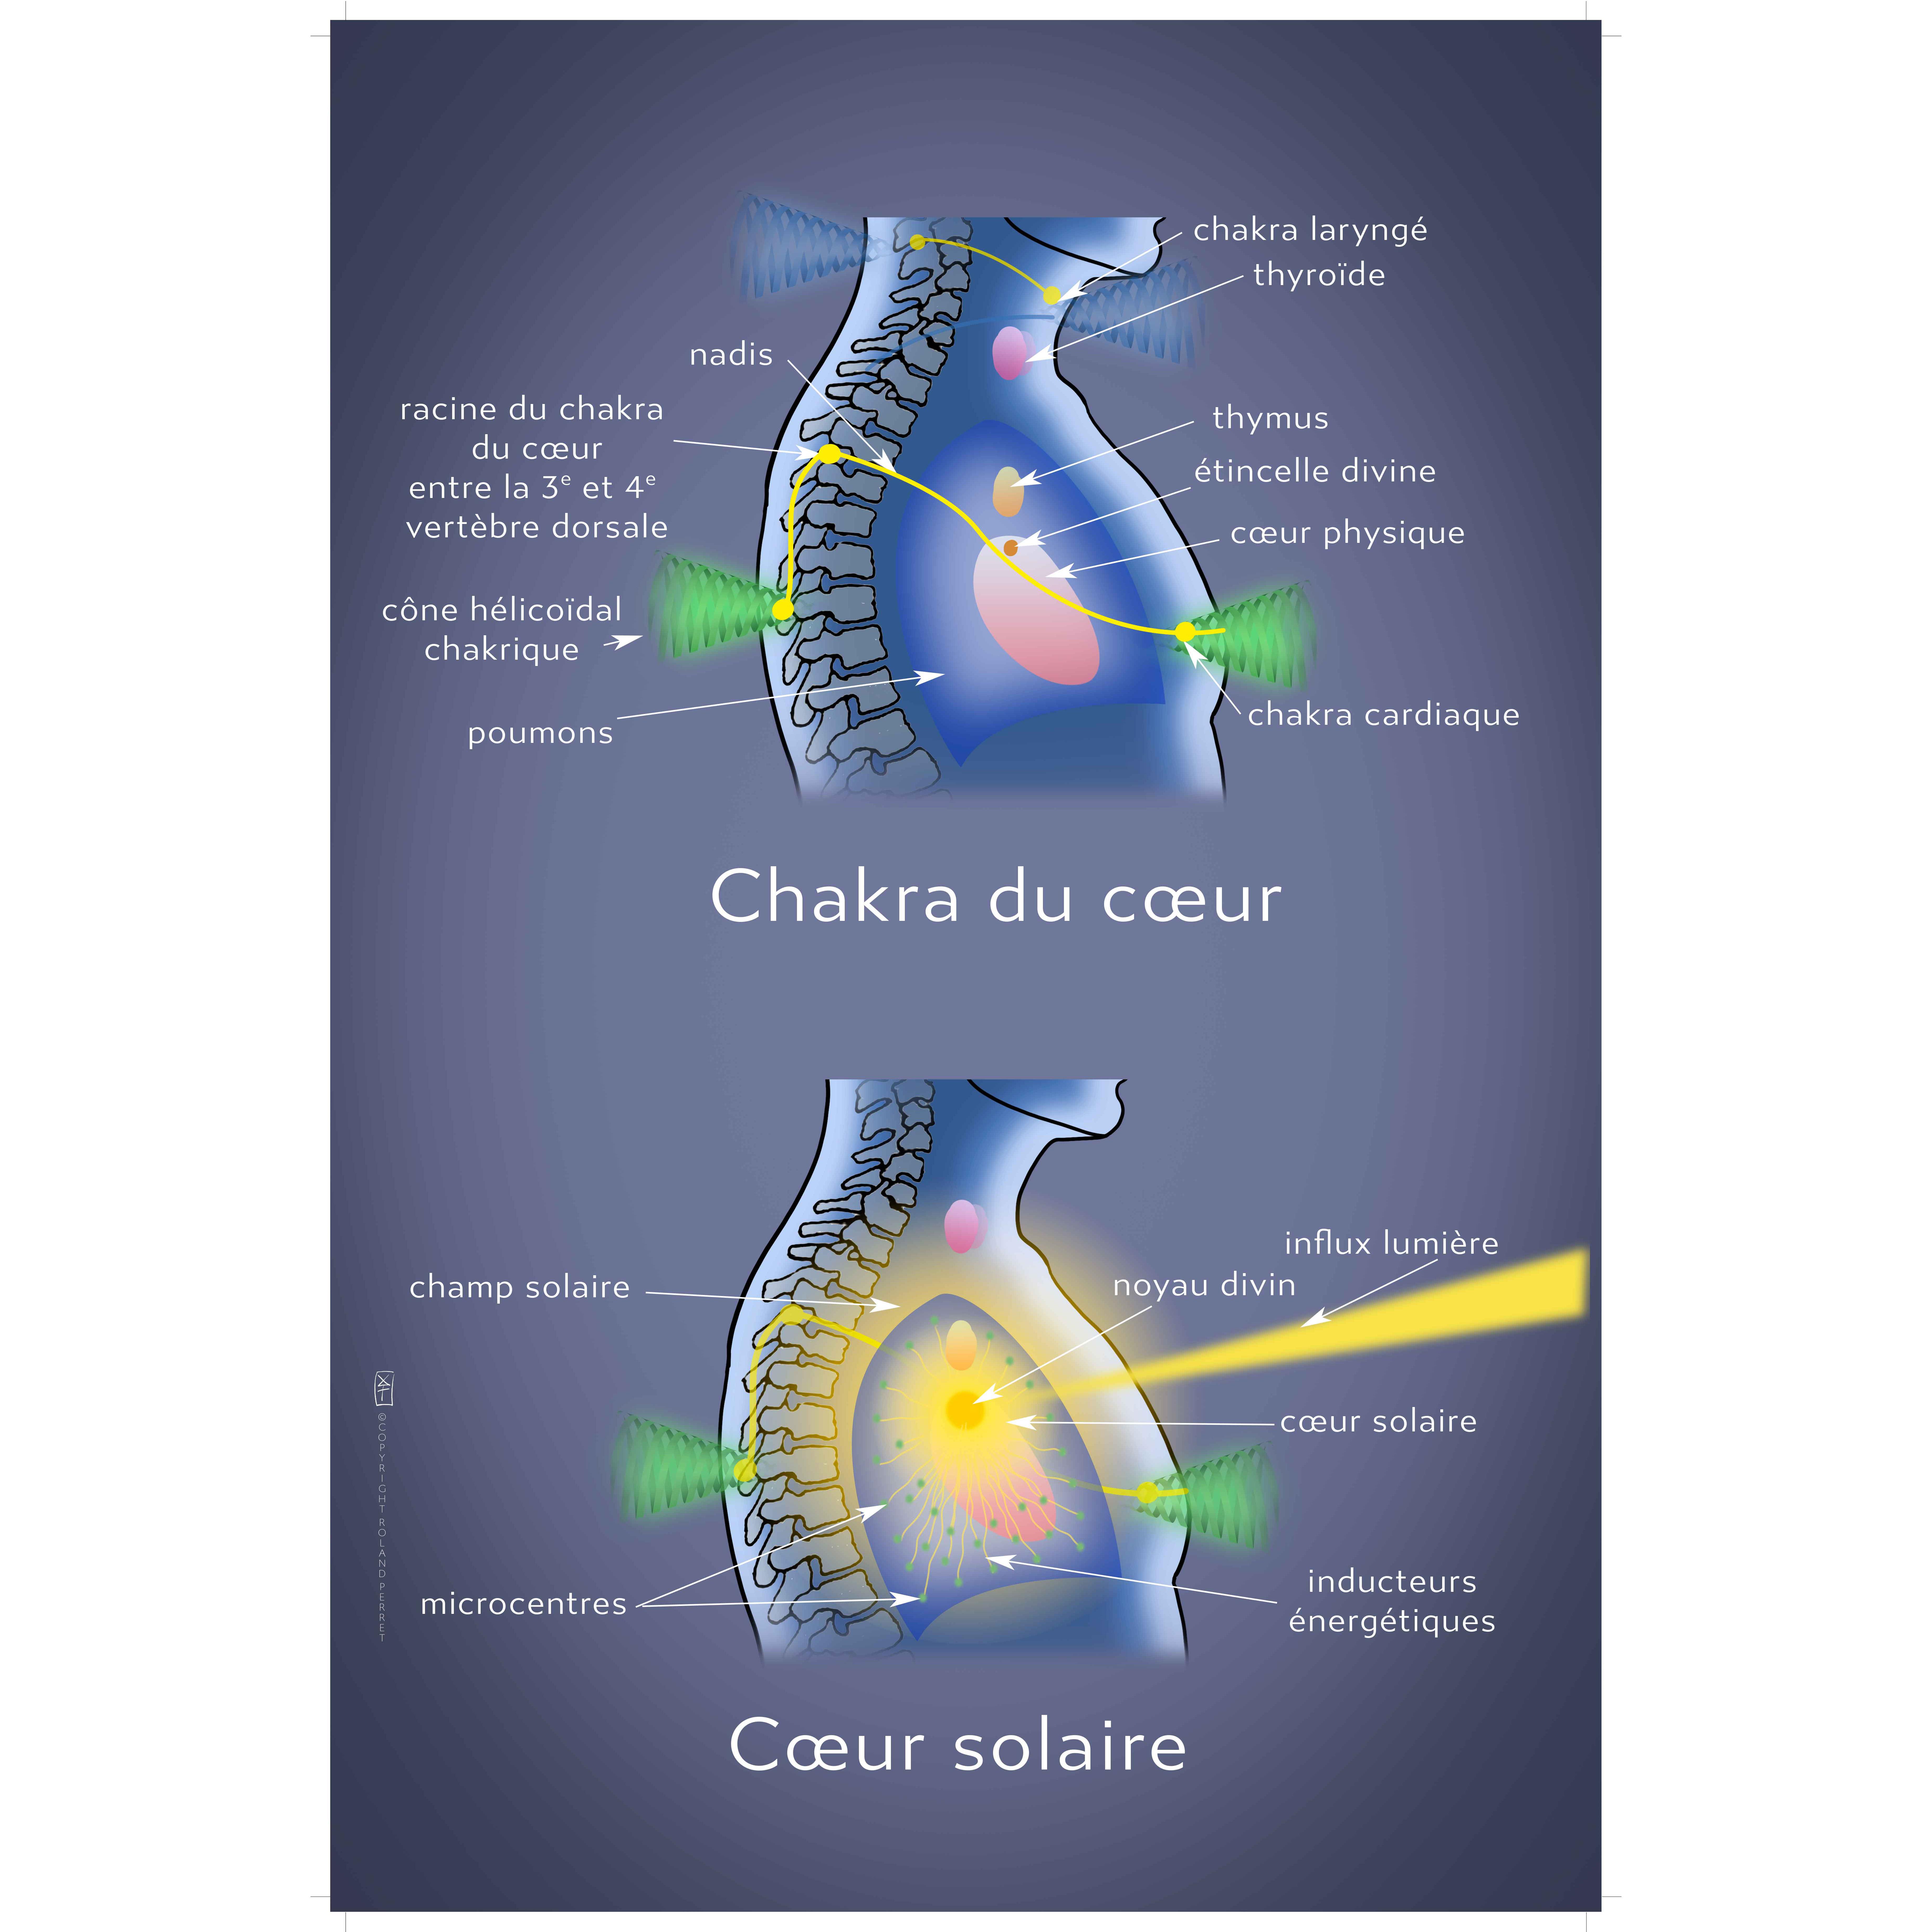 Chakra et cœur solaires